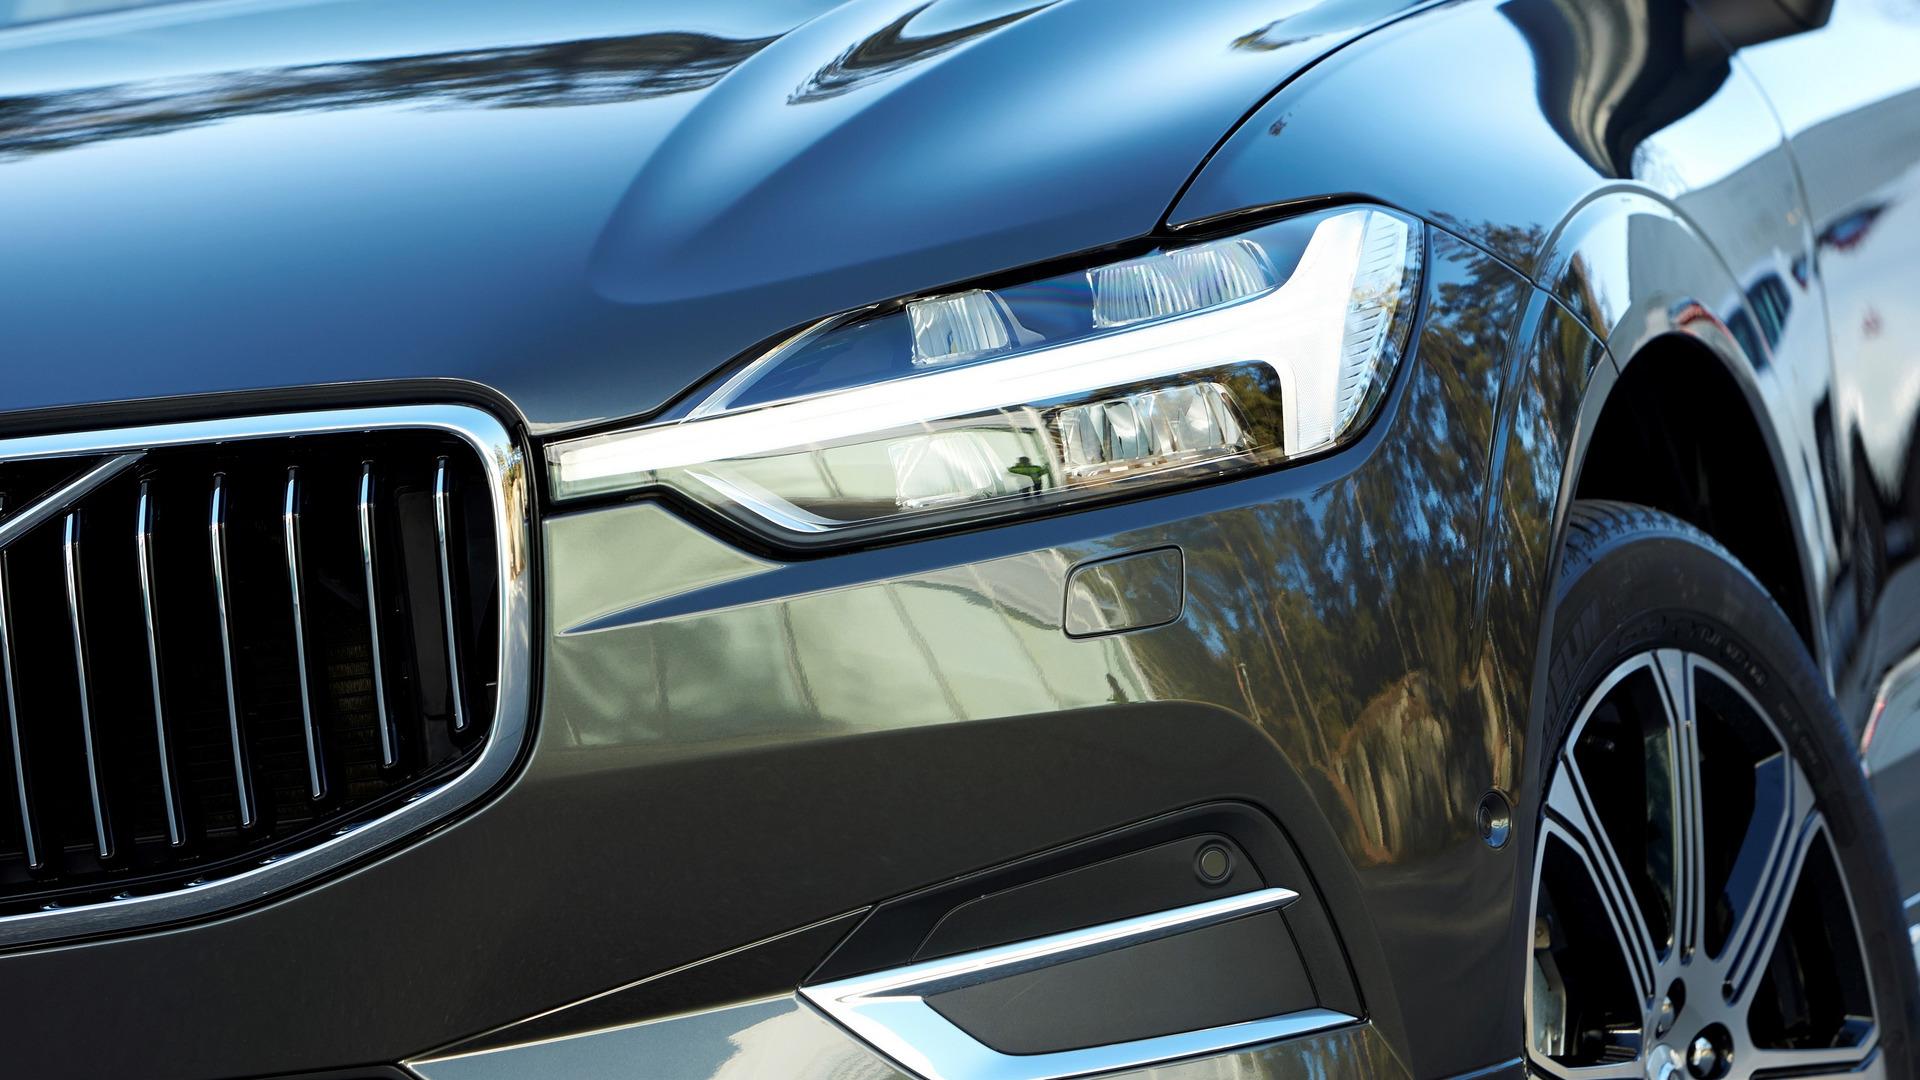 볼보 신형 XC60 수입 SUV 시장의 새로운 강자